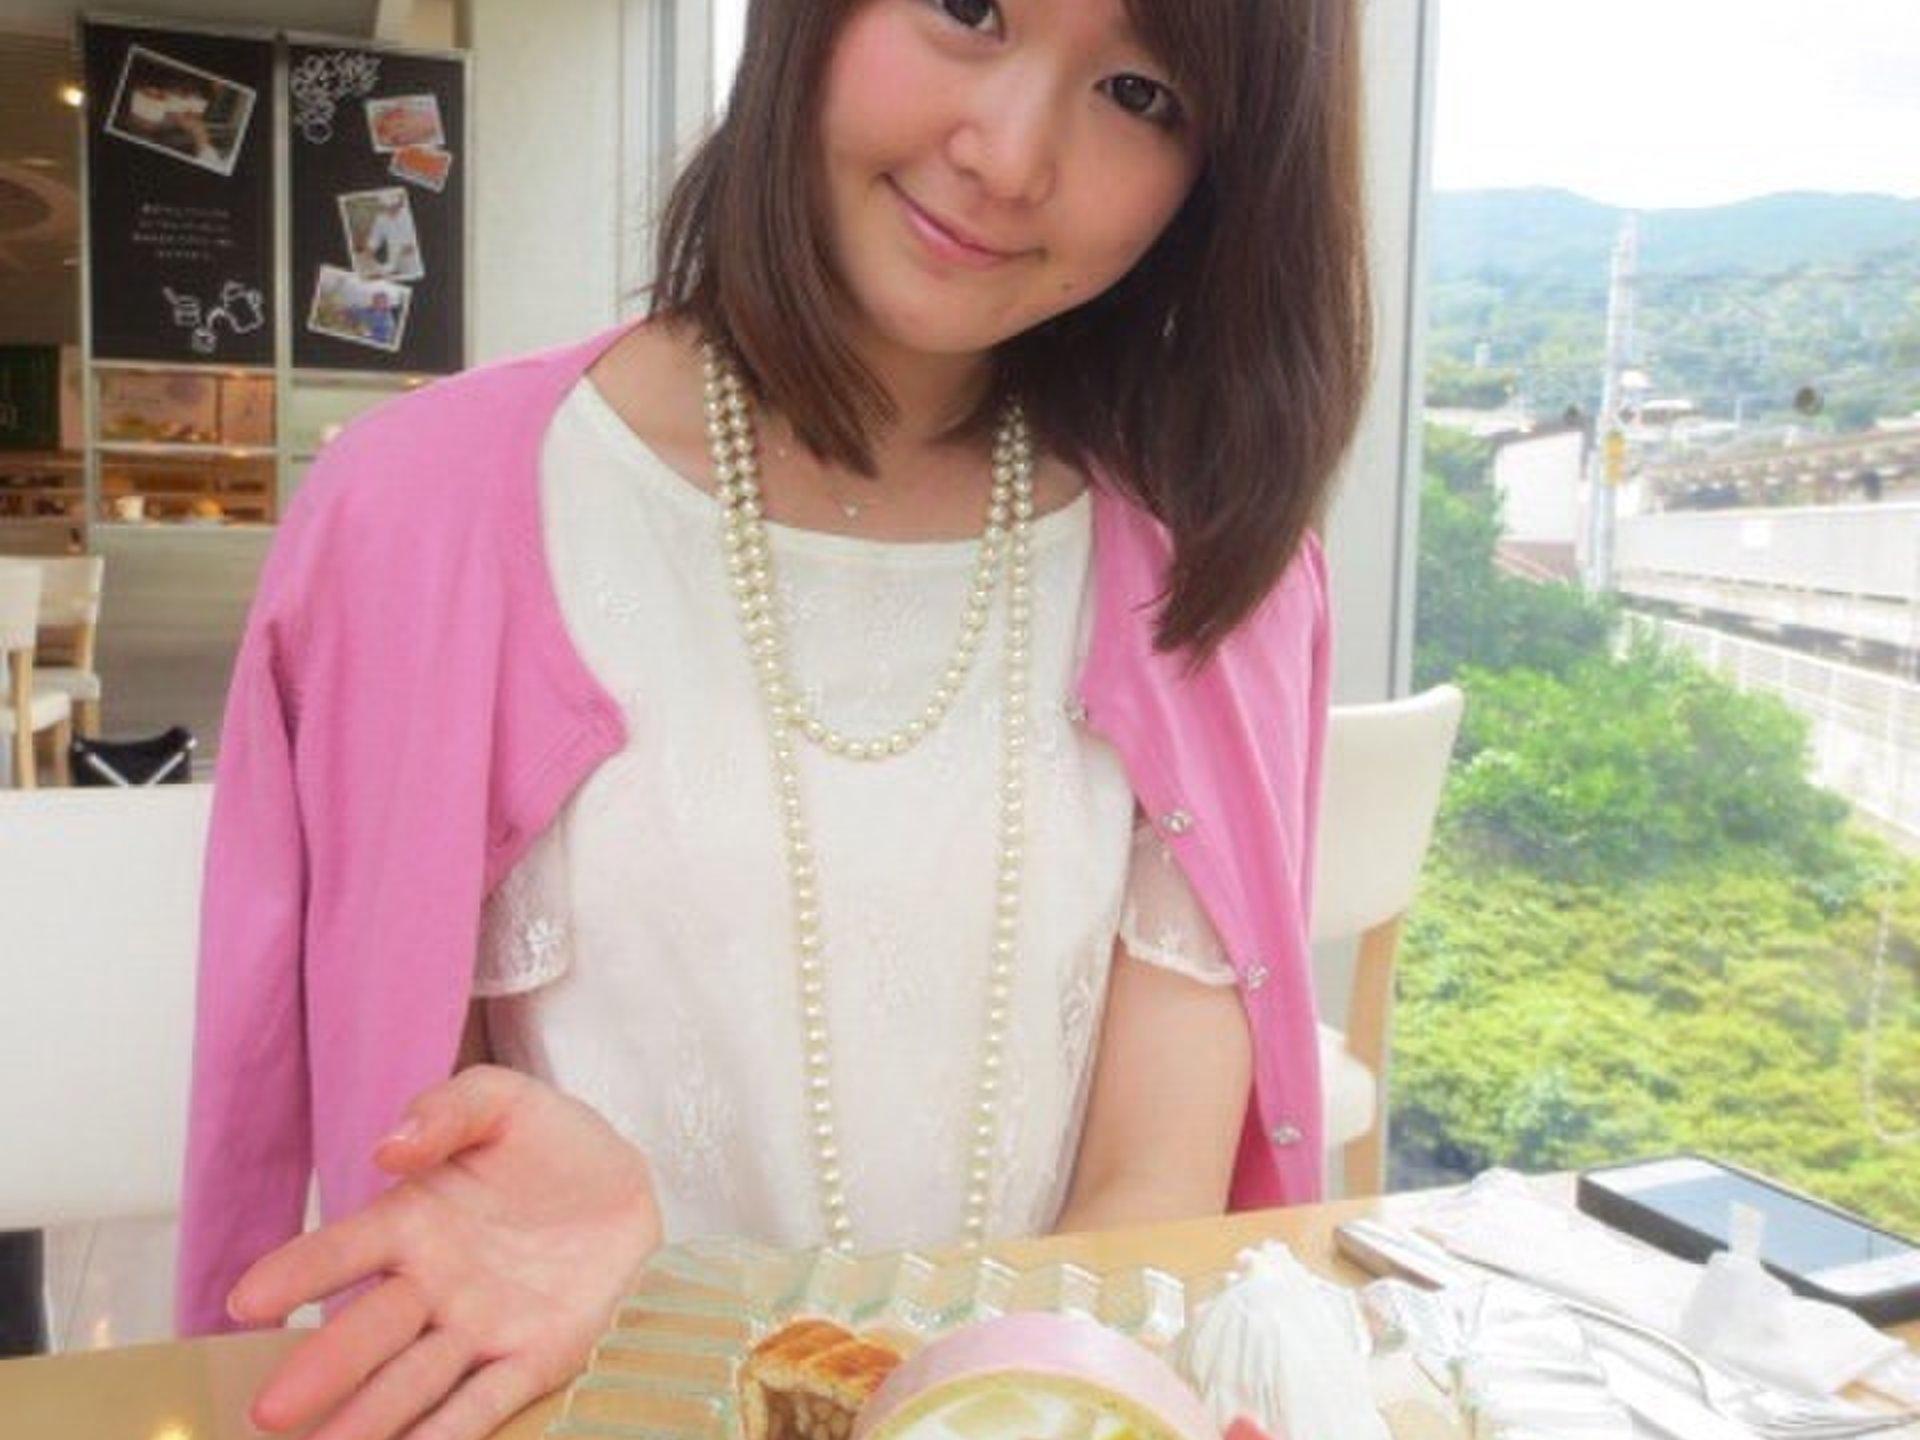 【箱根旅行】小田原の立ち寄りスポット、かまぼこの里が魅力的すぎる!